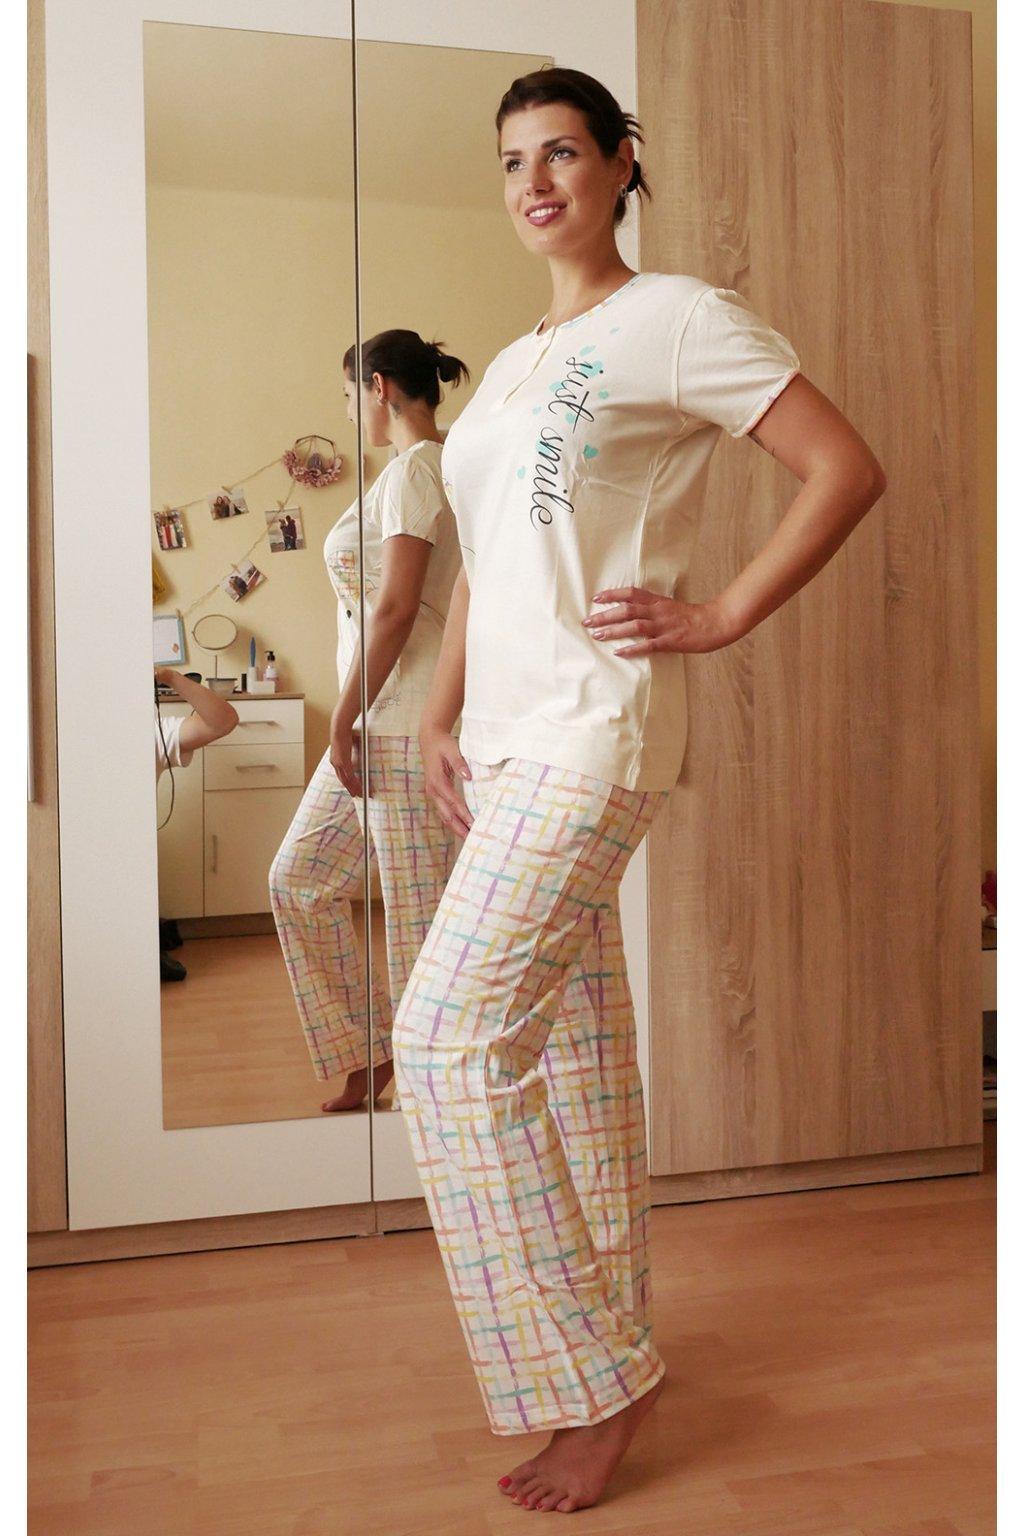 Dámské pyžamo krémové se žabkou z boku